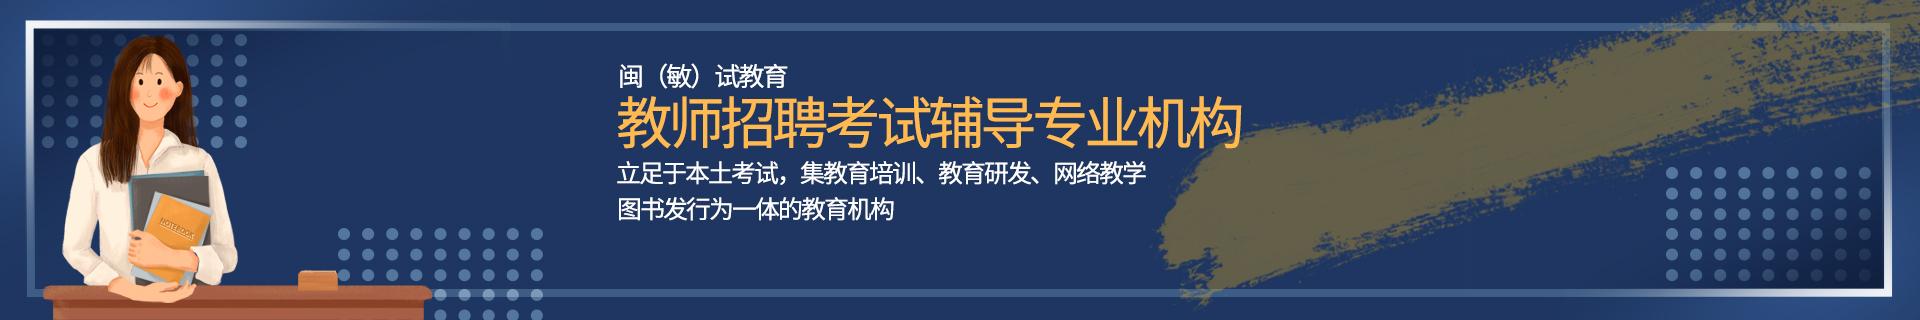 广州番禺区敏试教育机构